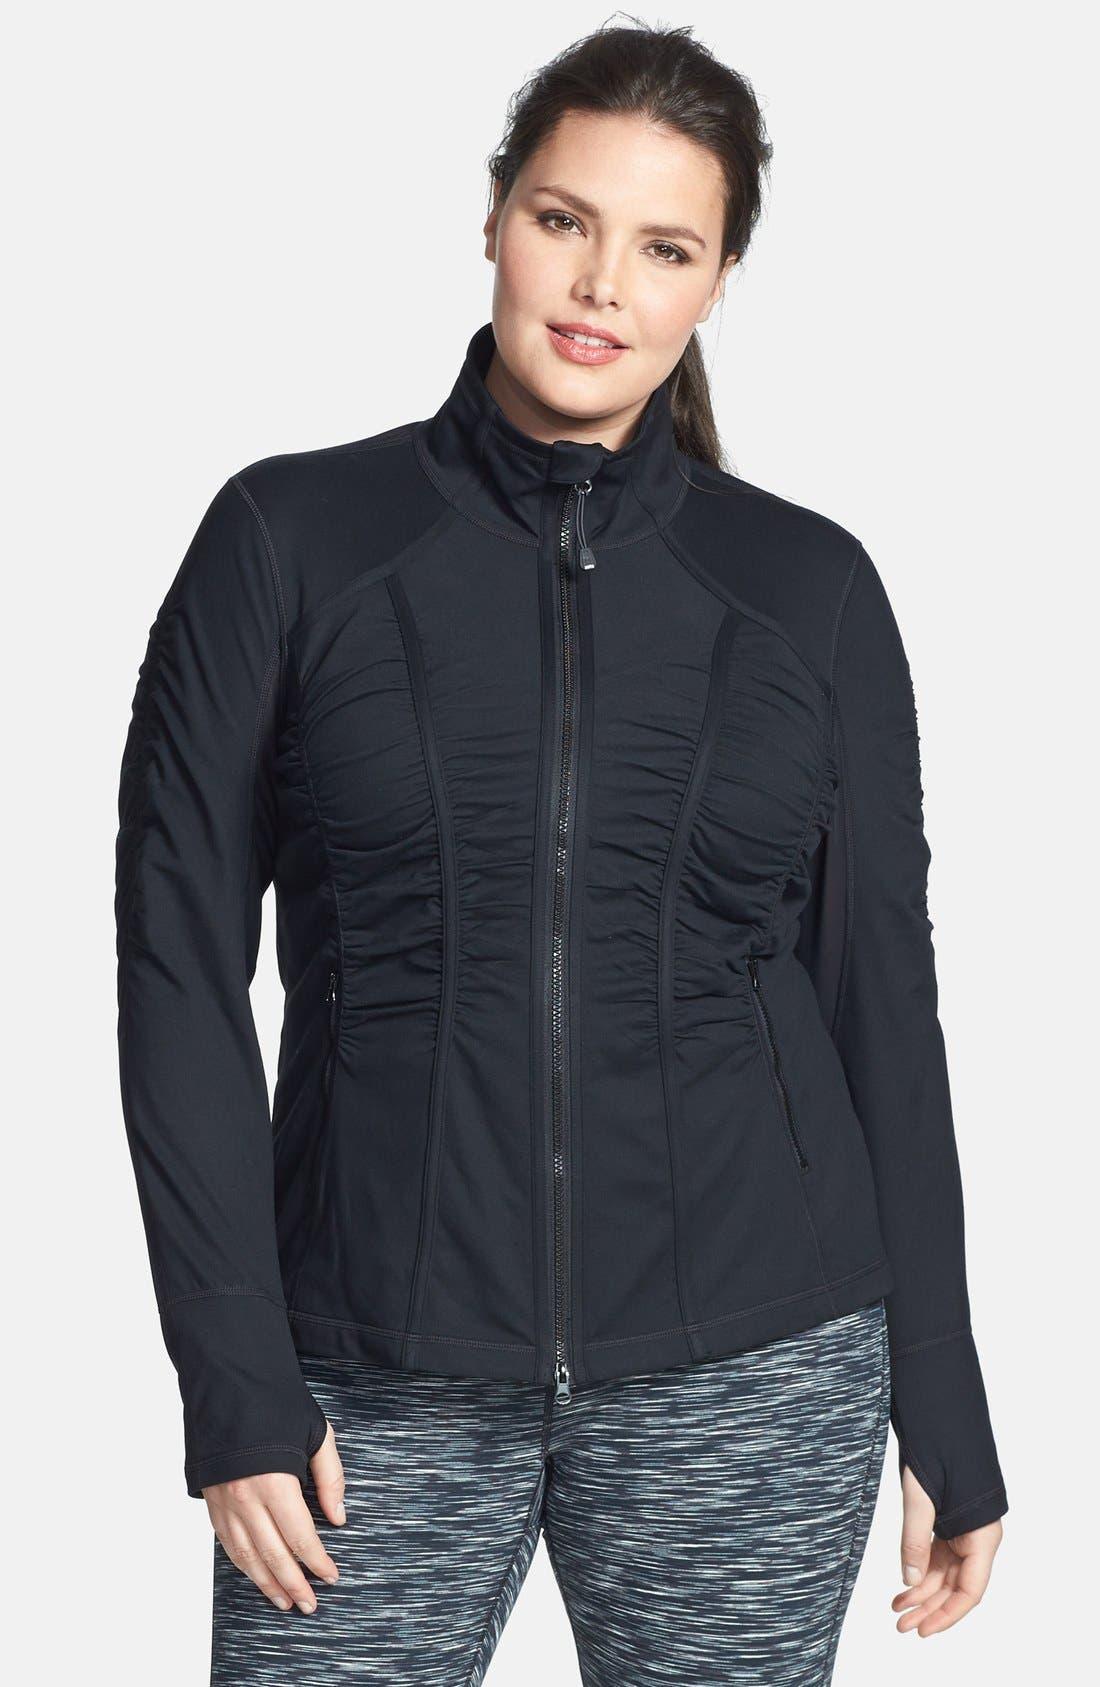 Main Image - Zella 'Trinity' Jacket (Plus Size)